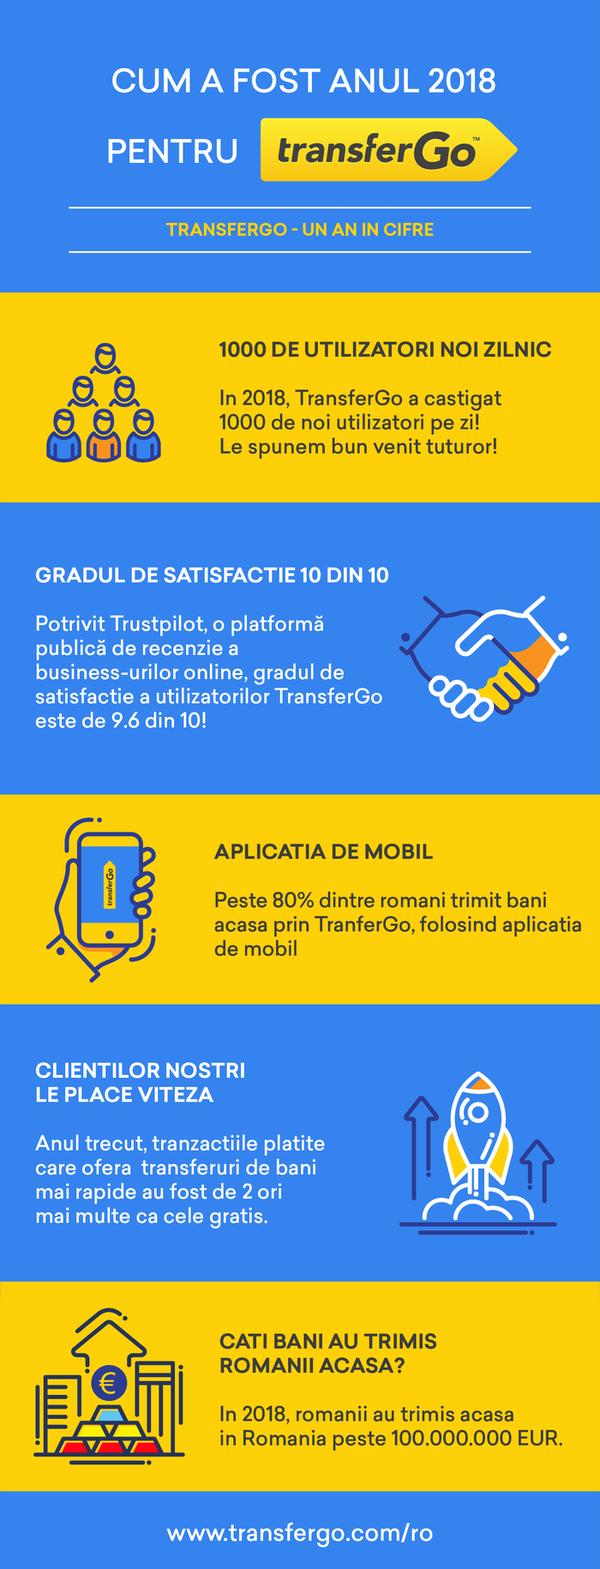 ro_infographic_2018